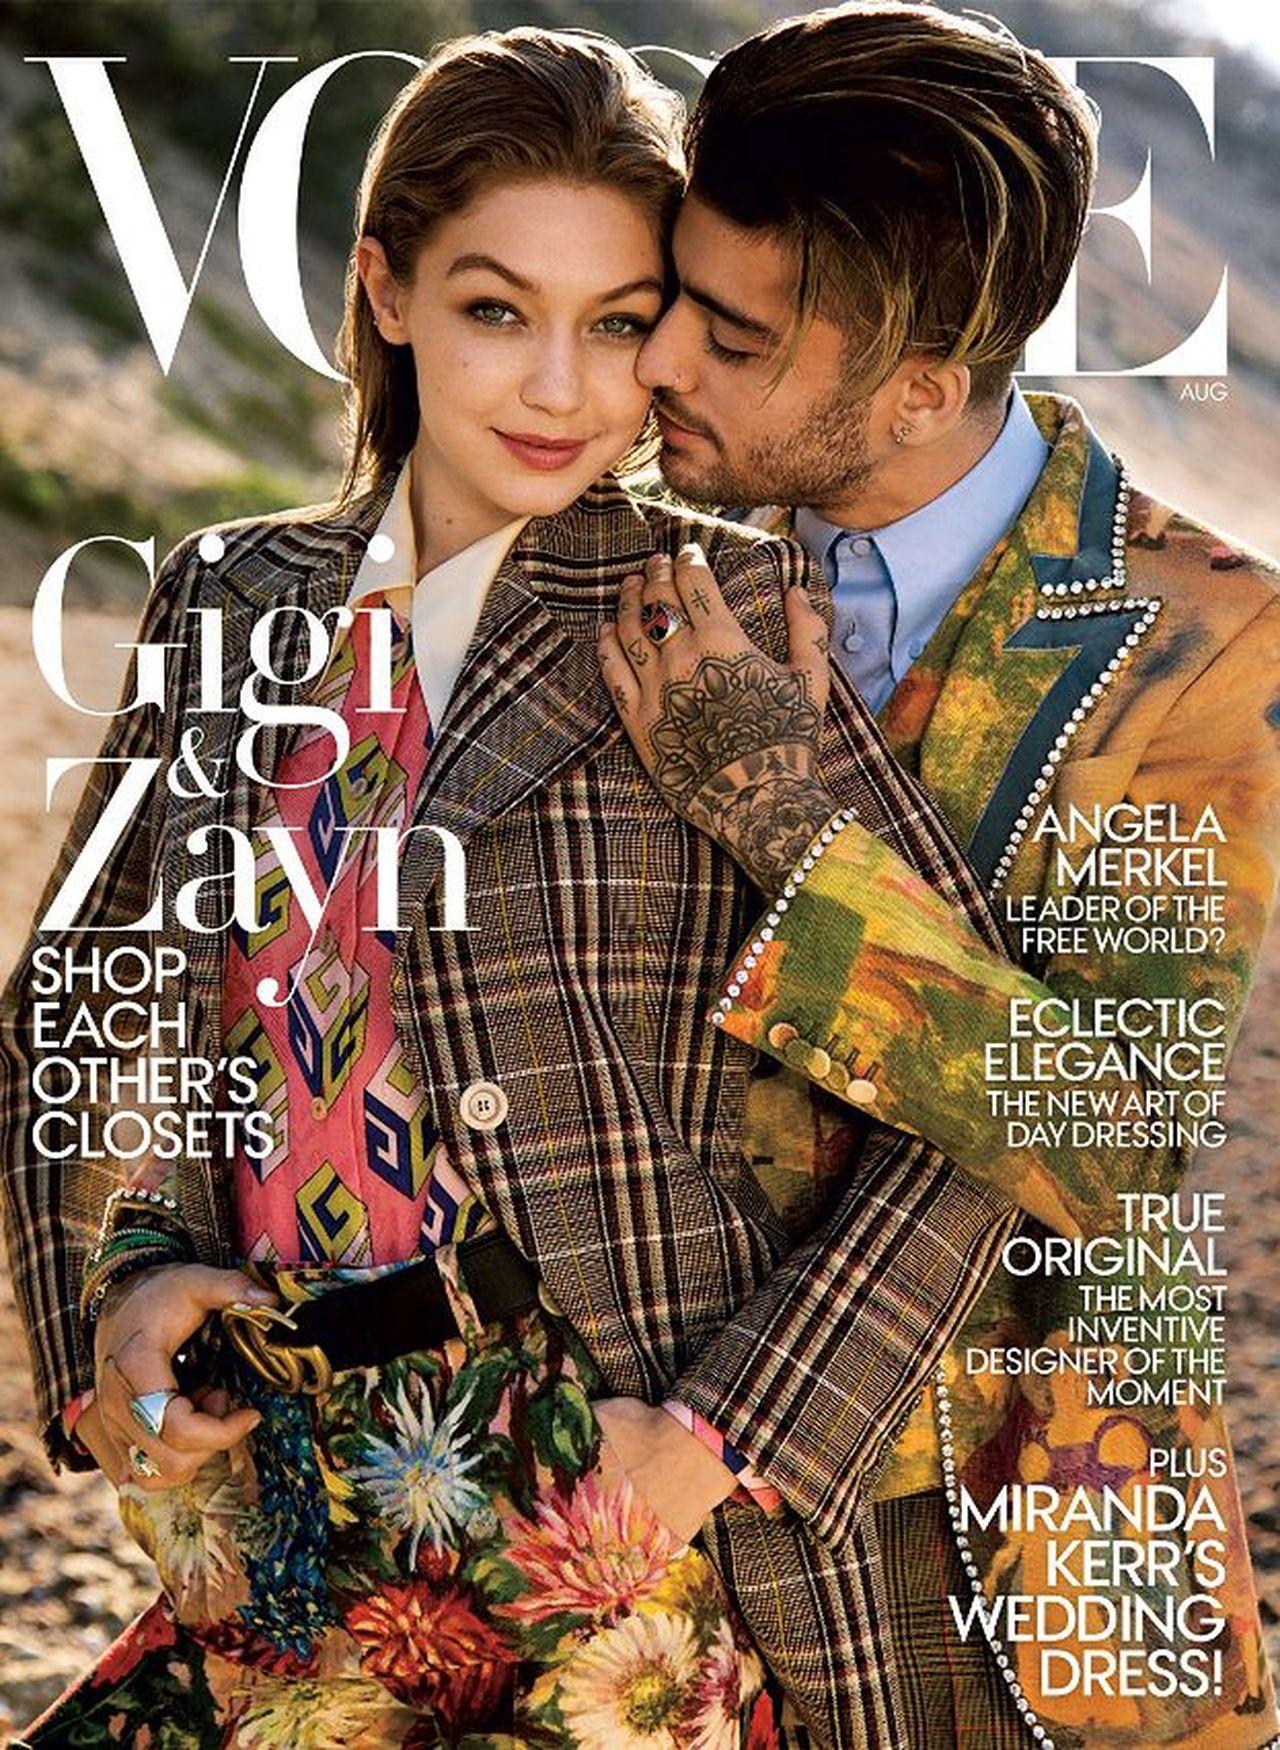 Gigi i Zayn na okładce Vogue